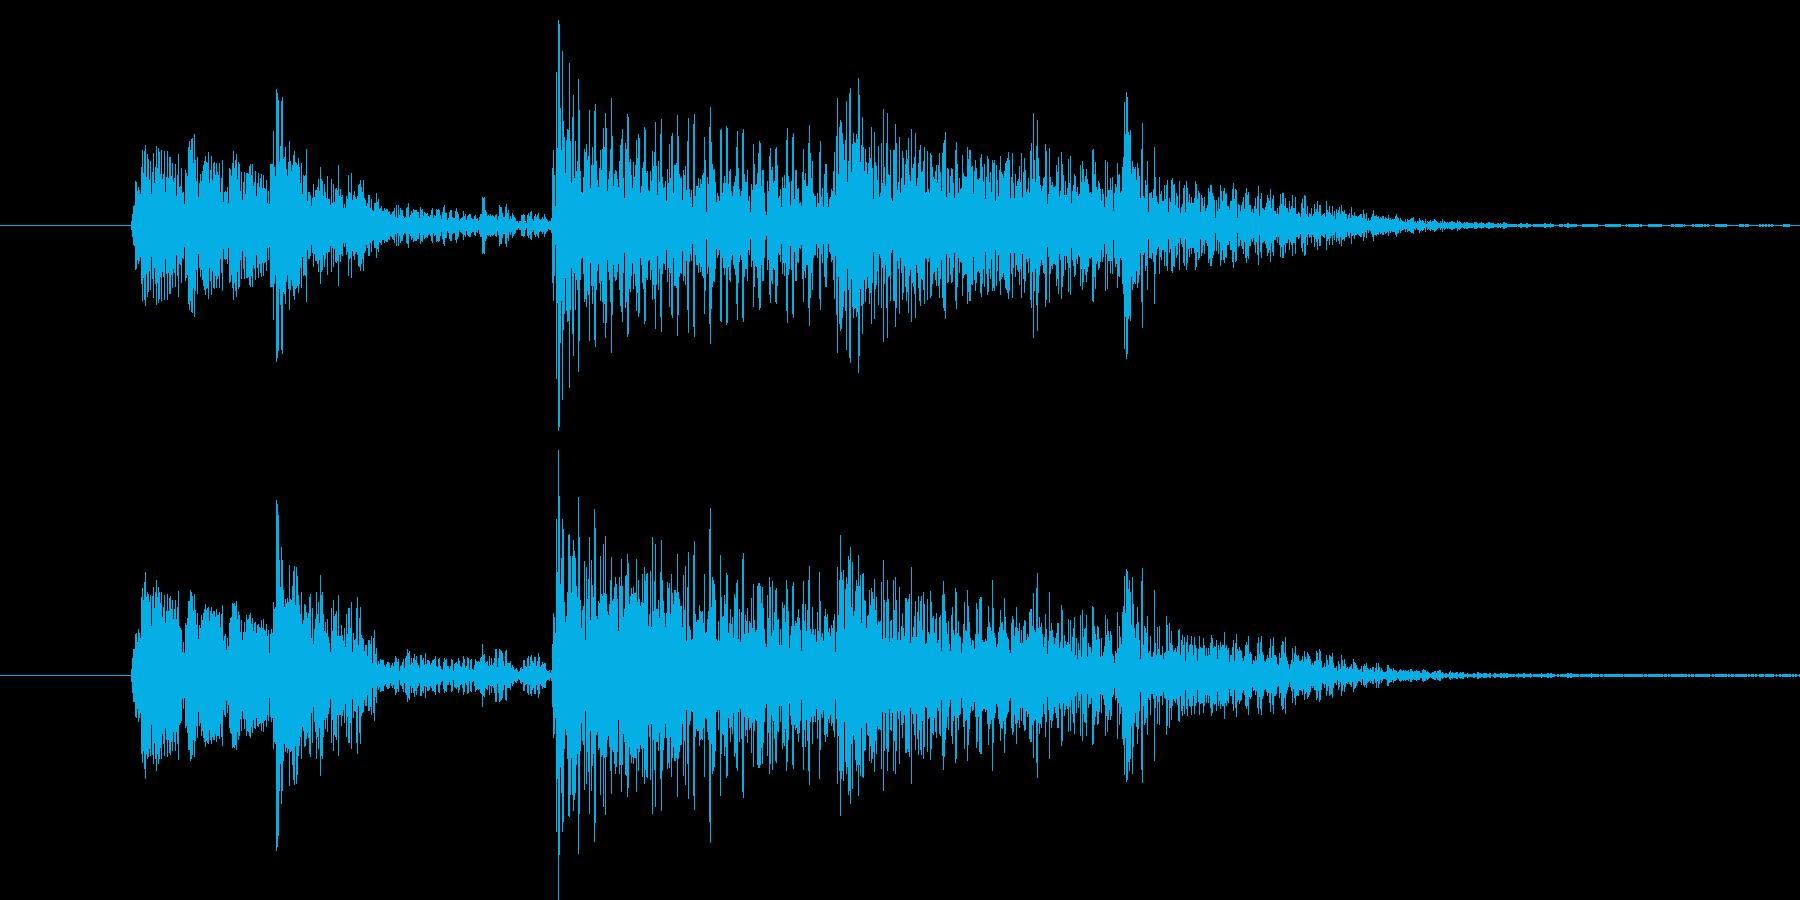 典型的なジャズ(5秒以内)の再生済みの波形